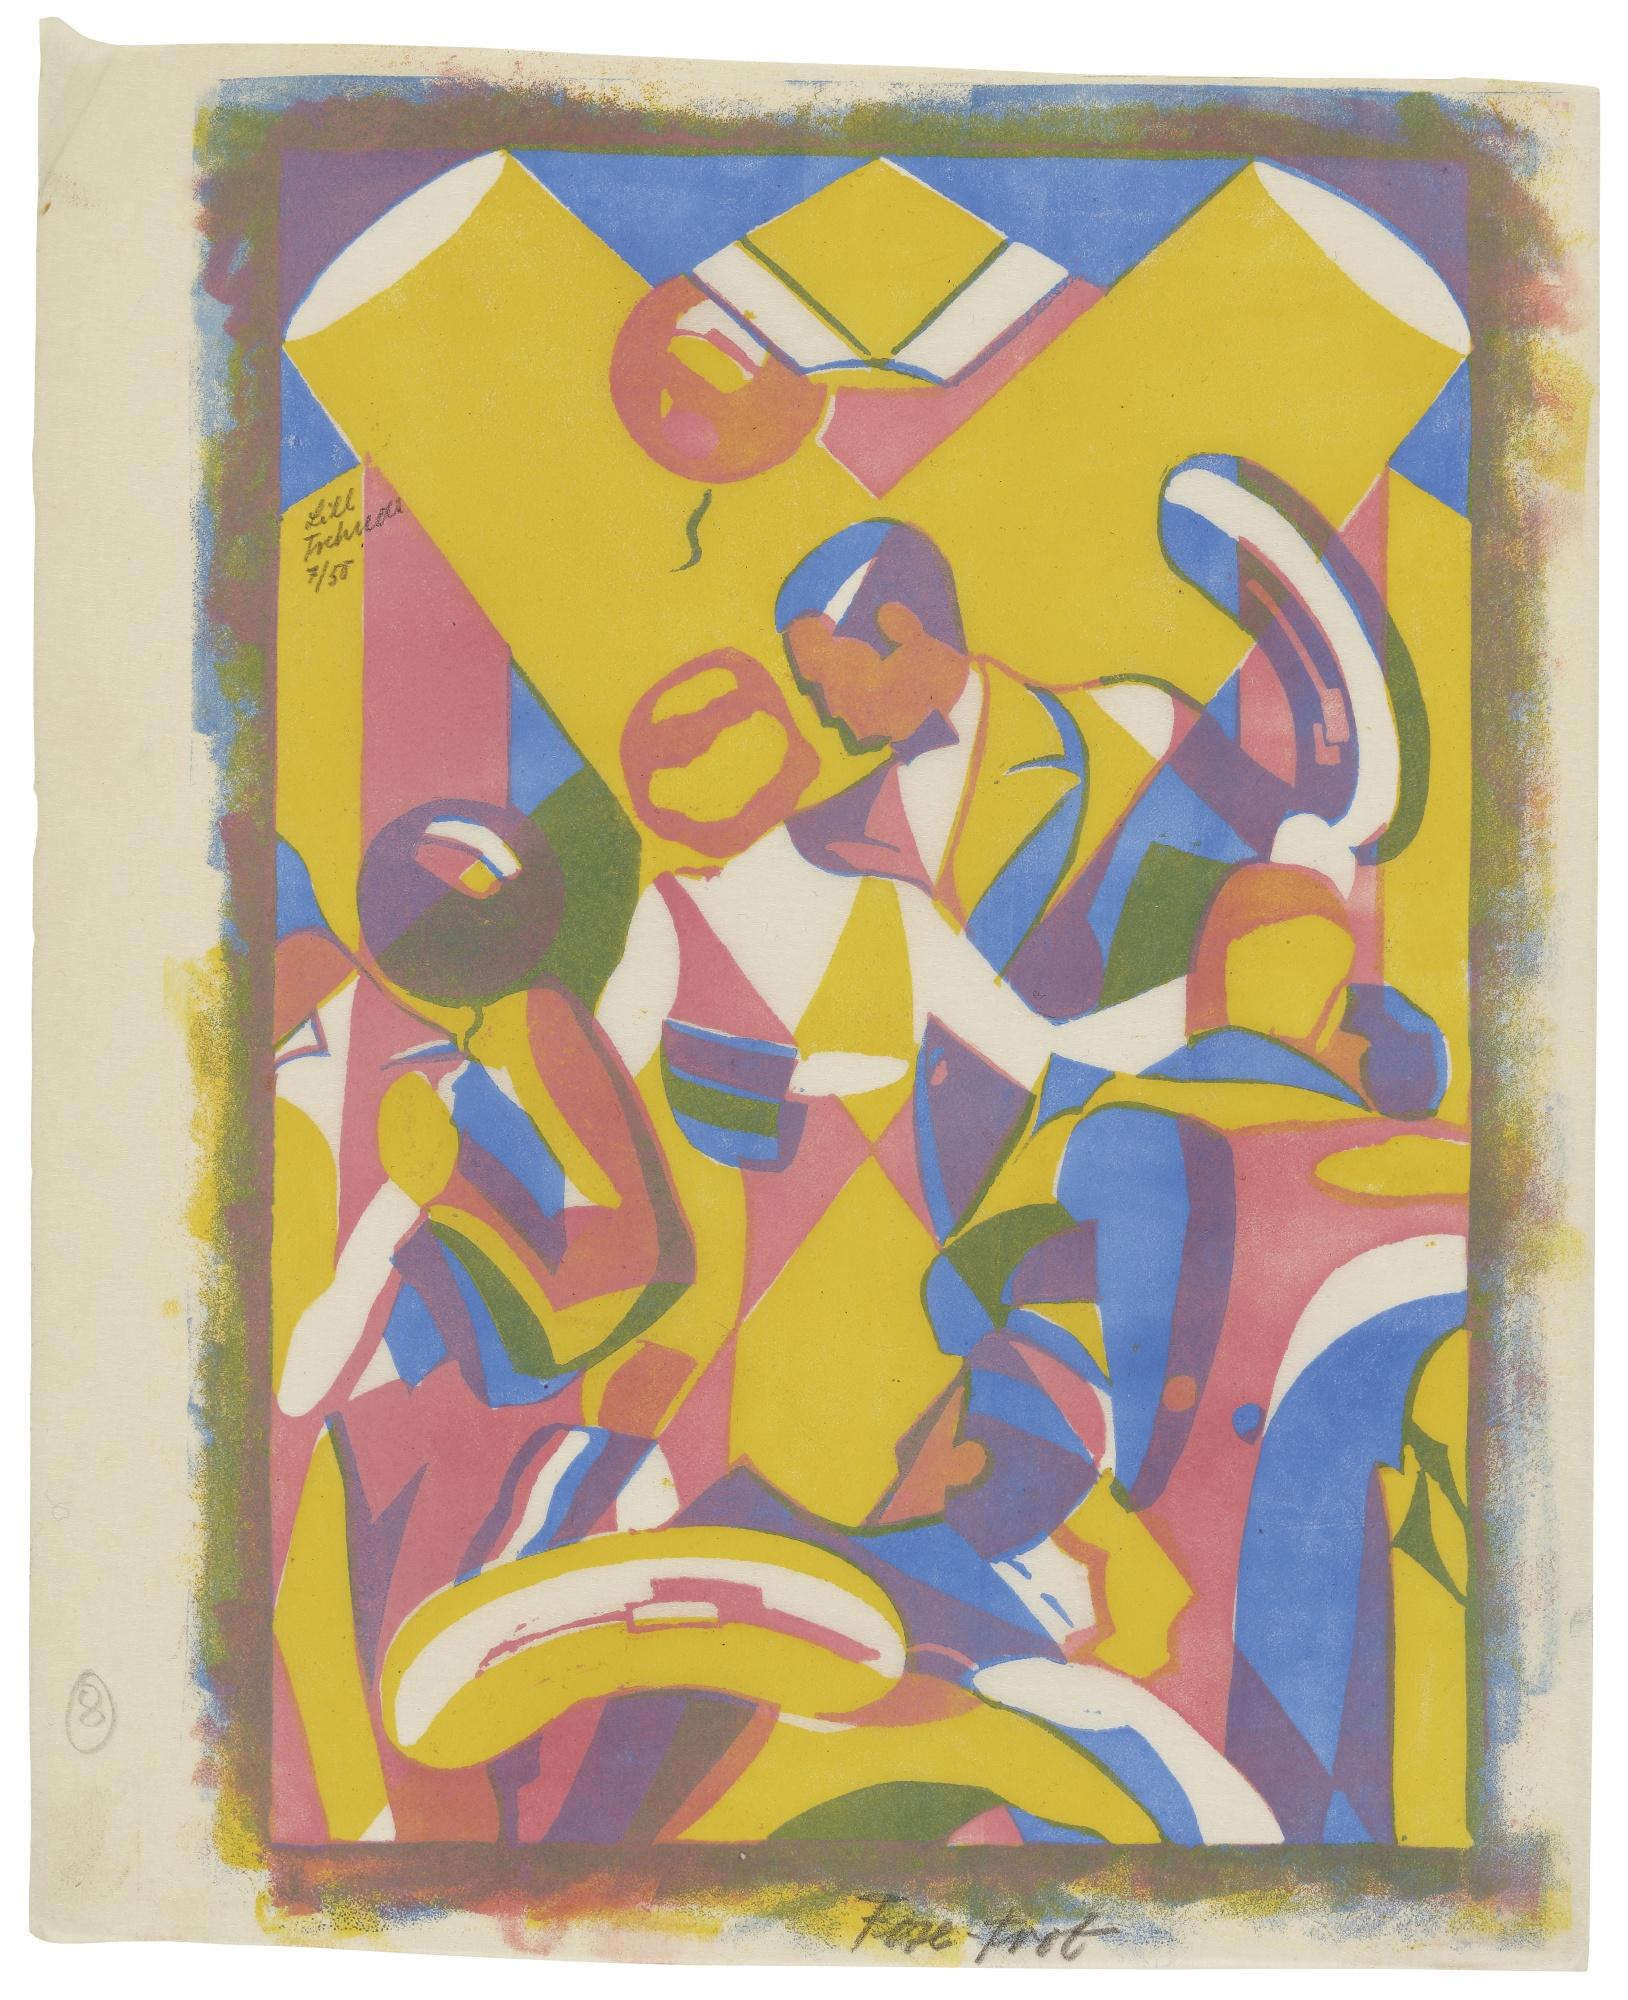 Lill Tschudi-Foxtrot (C. Lt 11)-1930